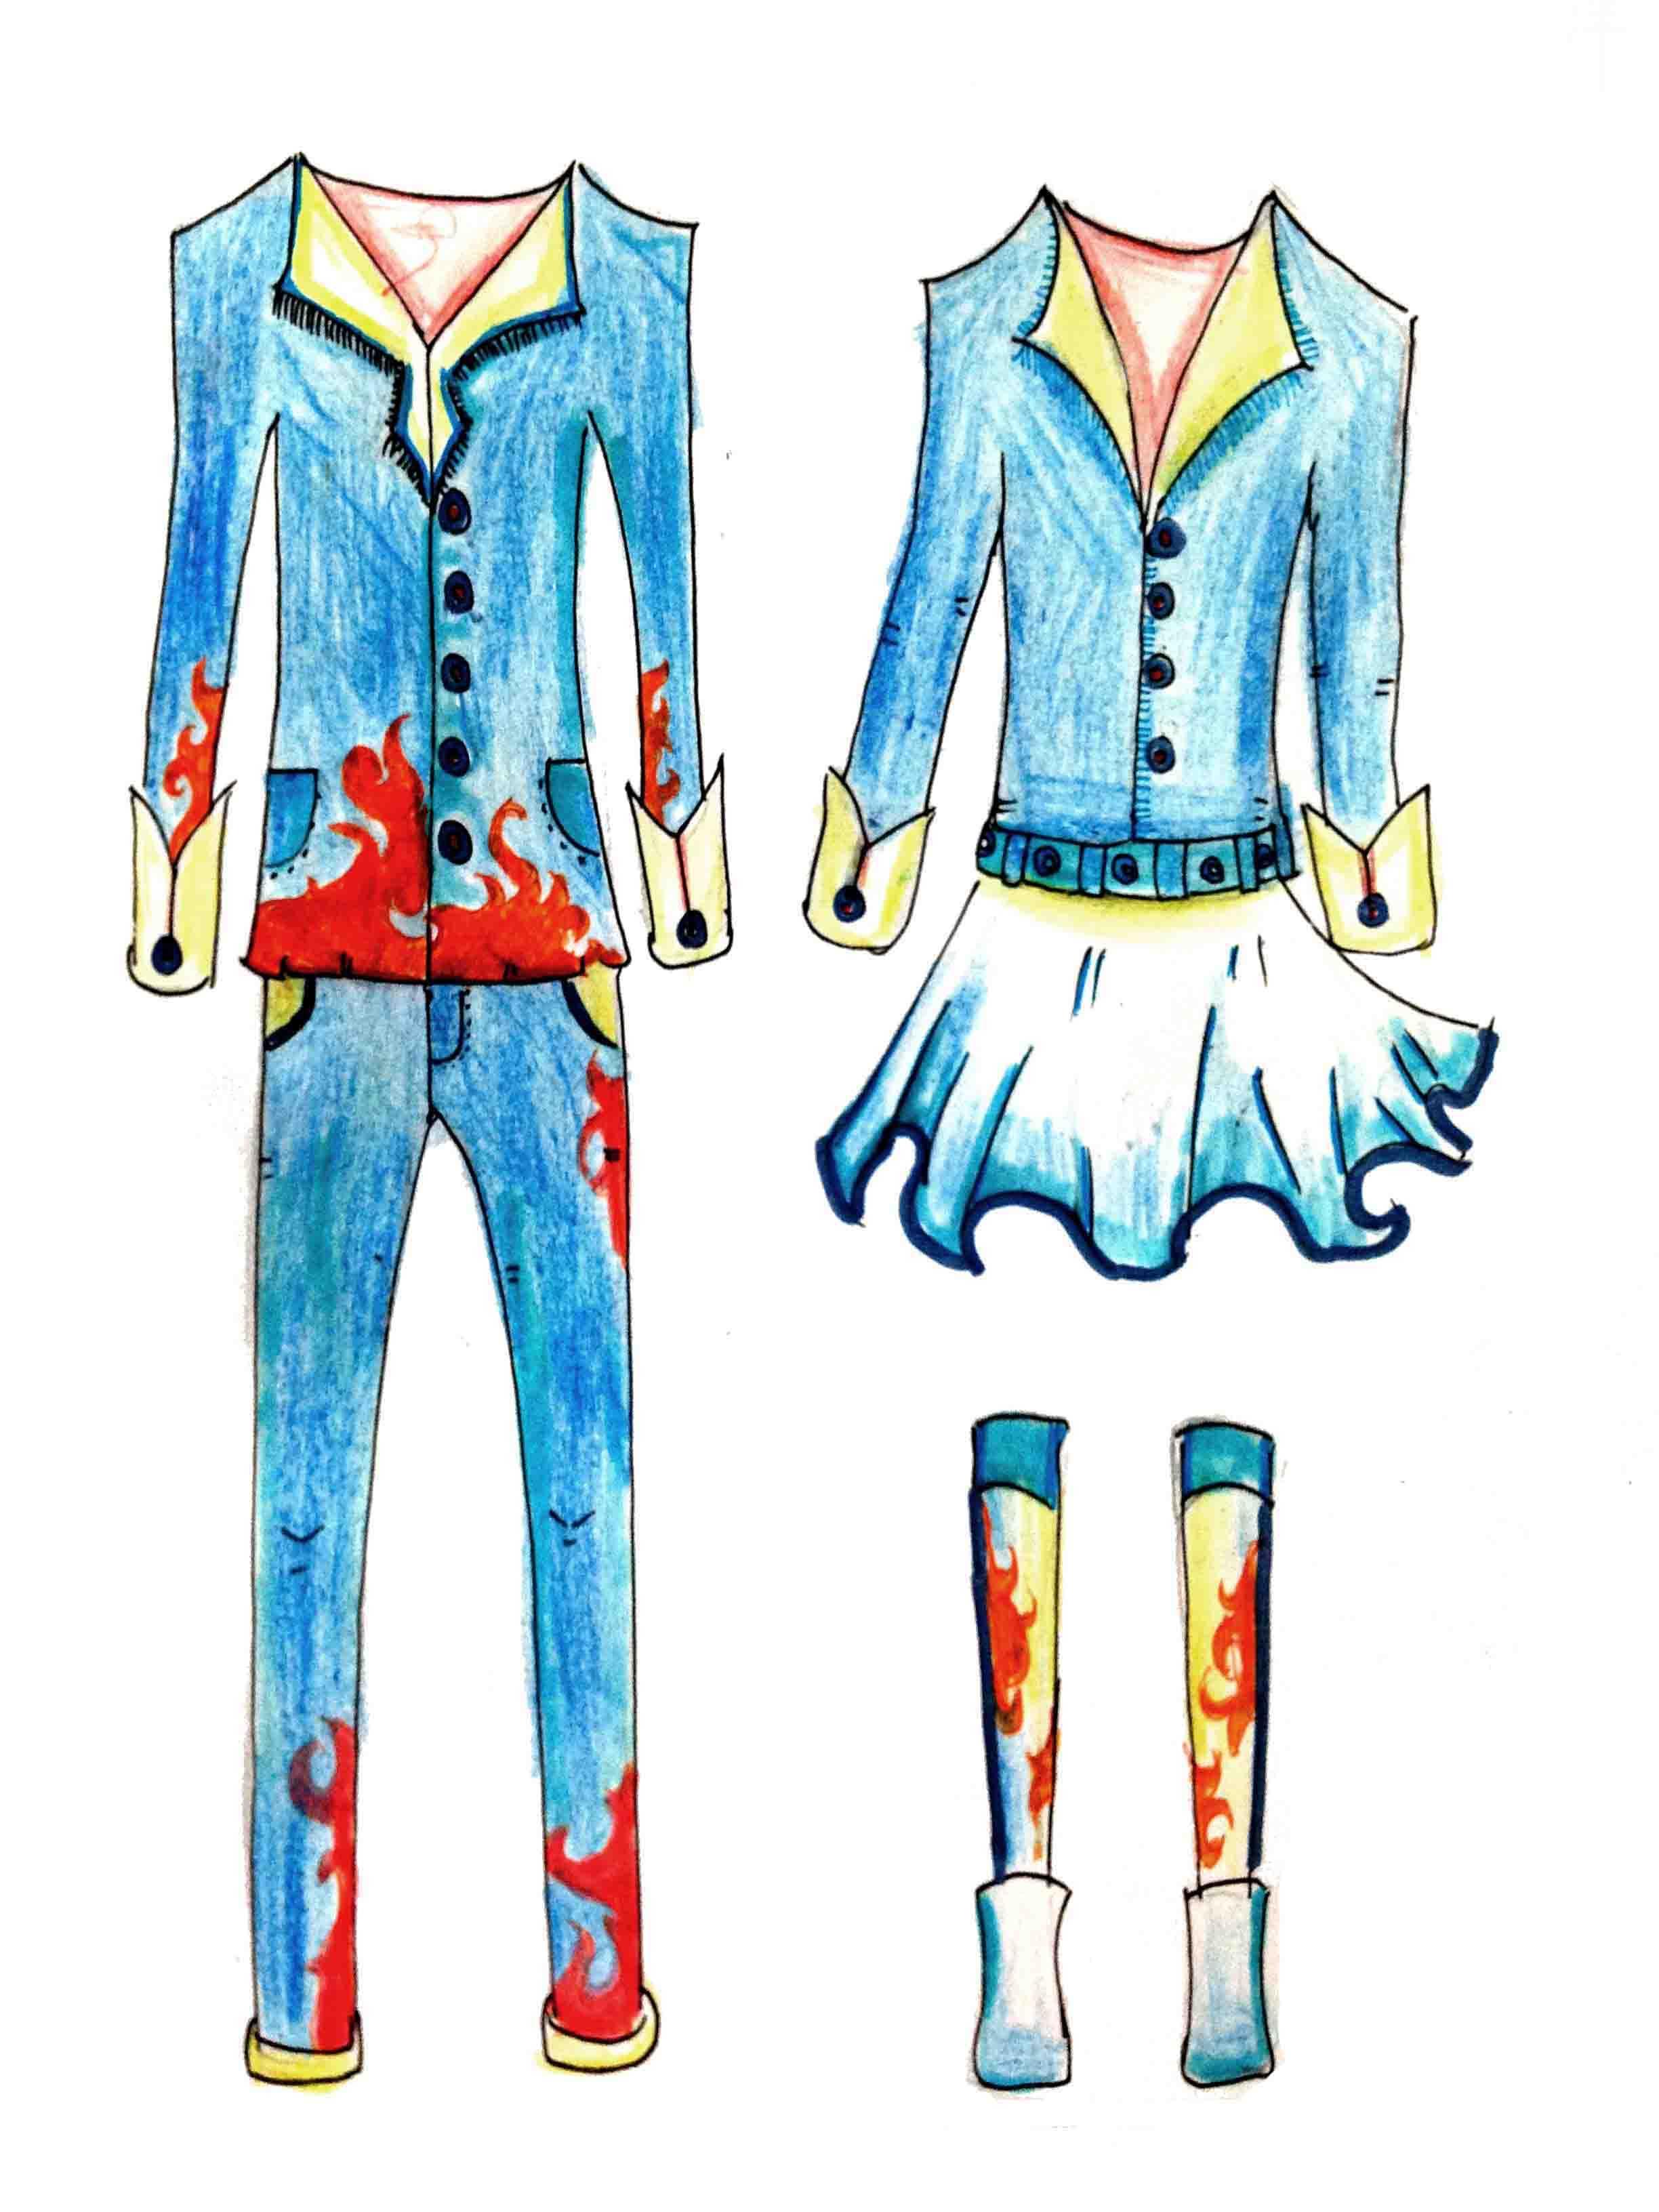 美术课堂上的校服设计大赛